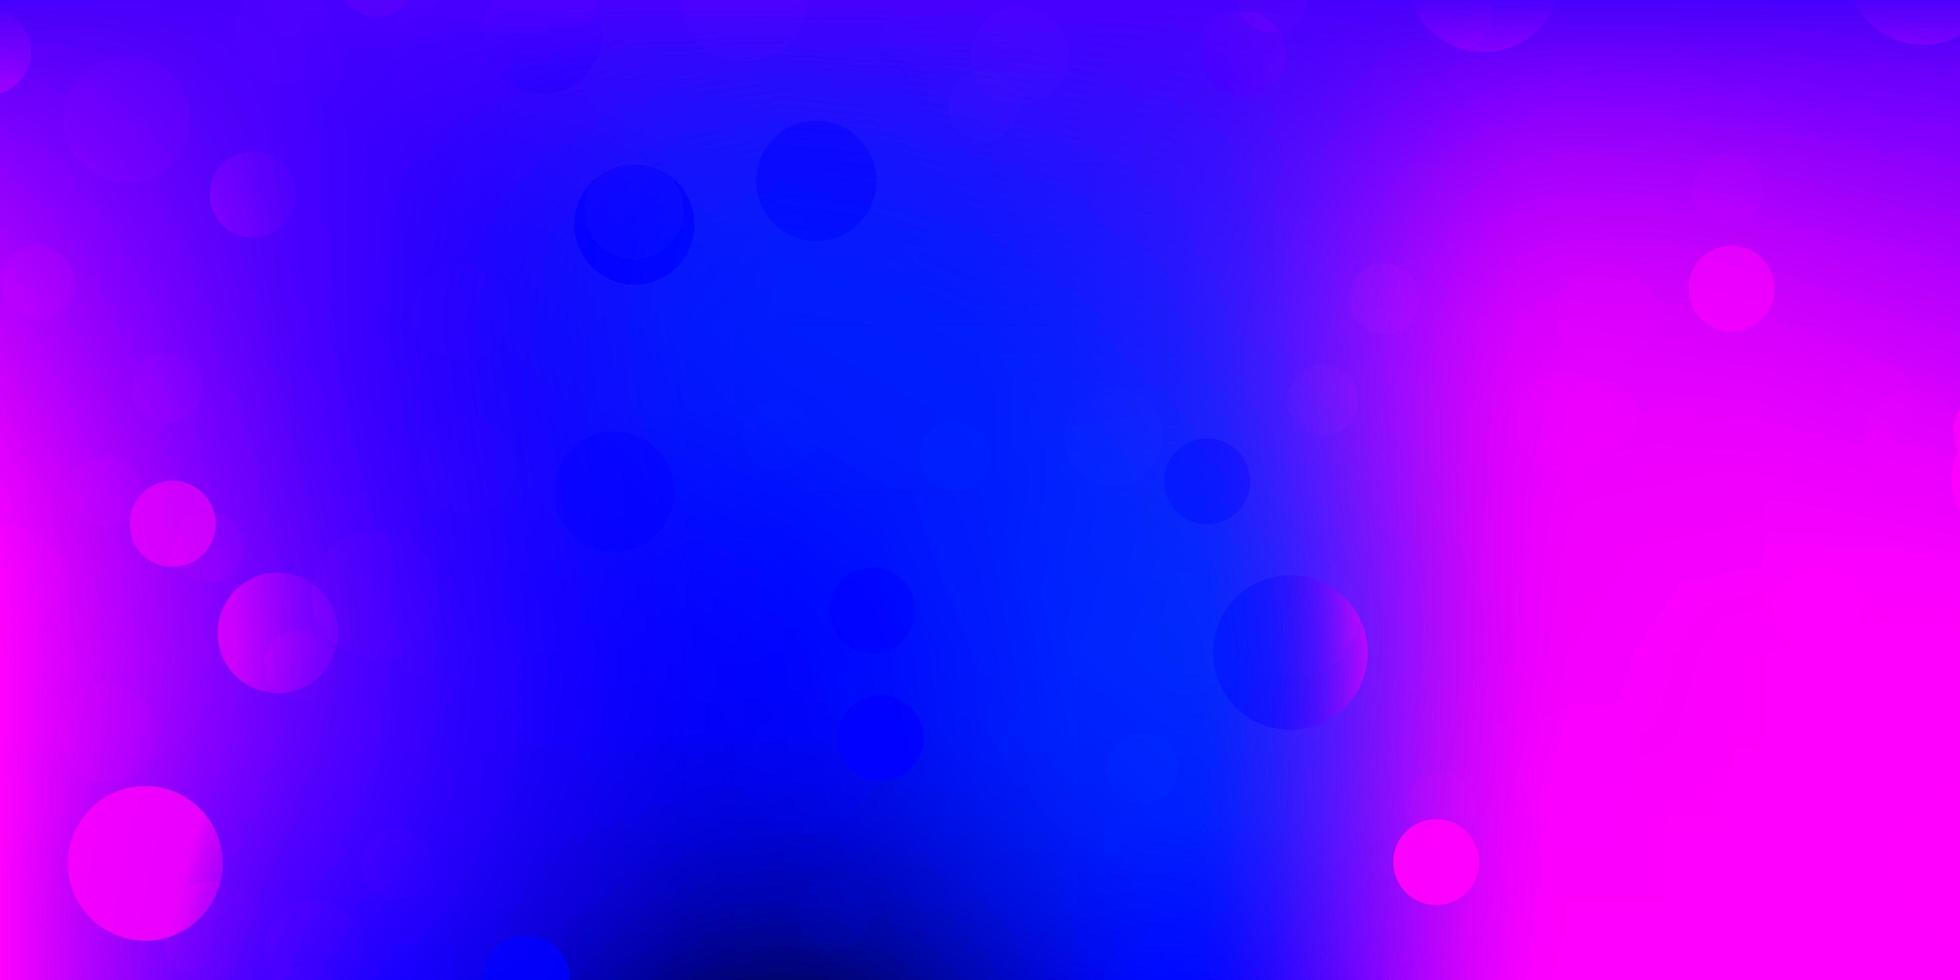 padrão de vetor rosa claro, azul com formas abstratas.